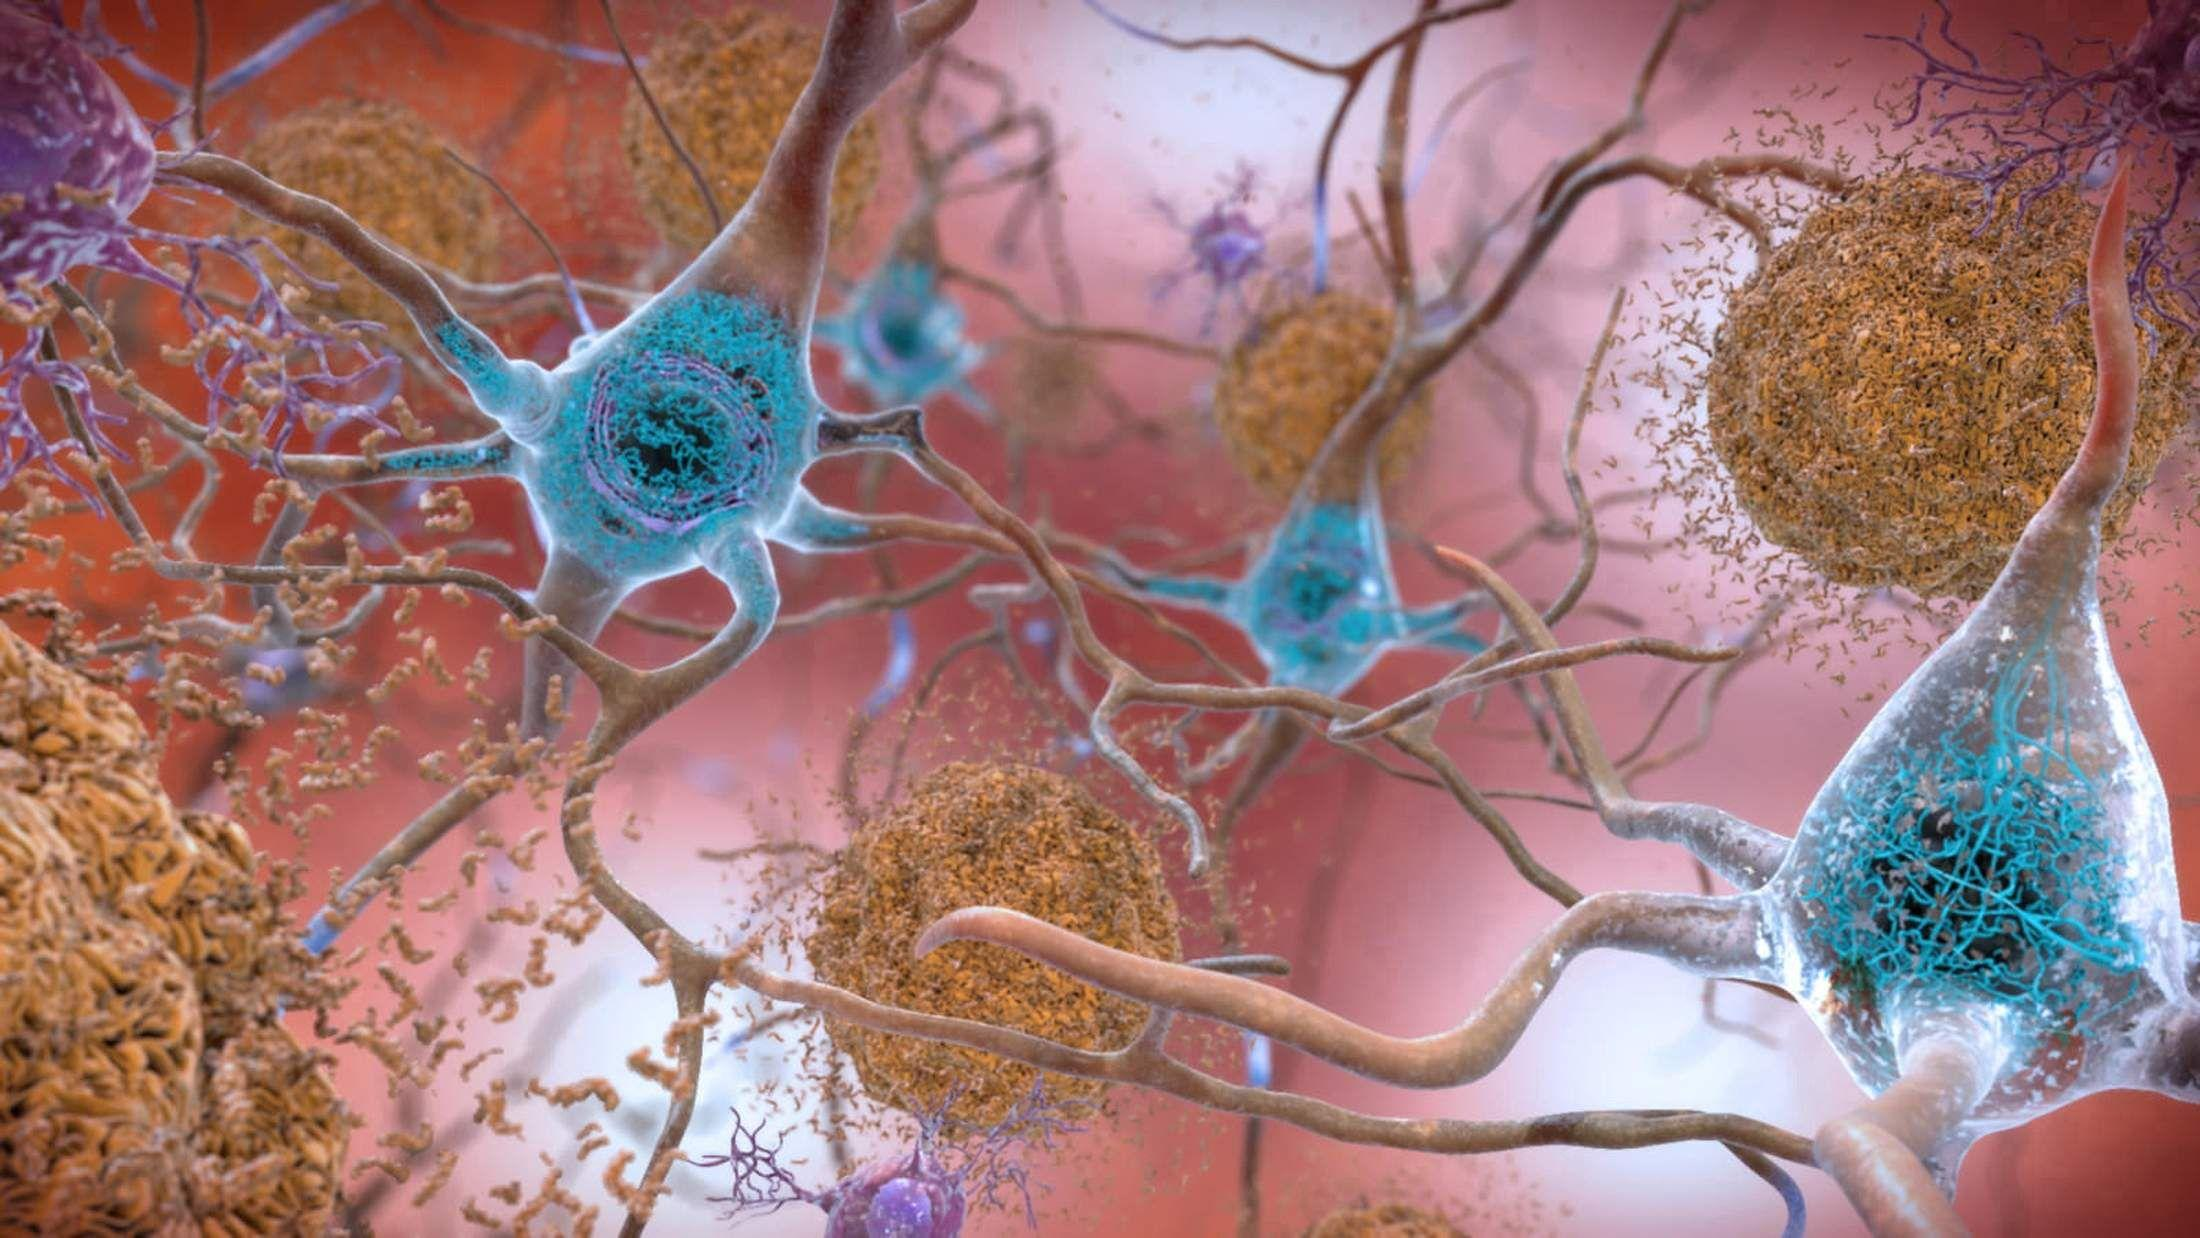 Ученые обнаружили в здоровом мозге функциональный амилоид